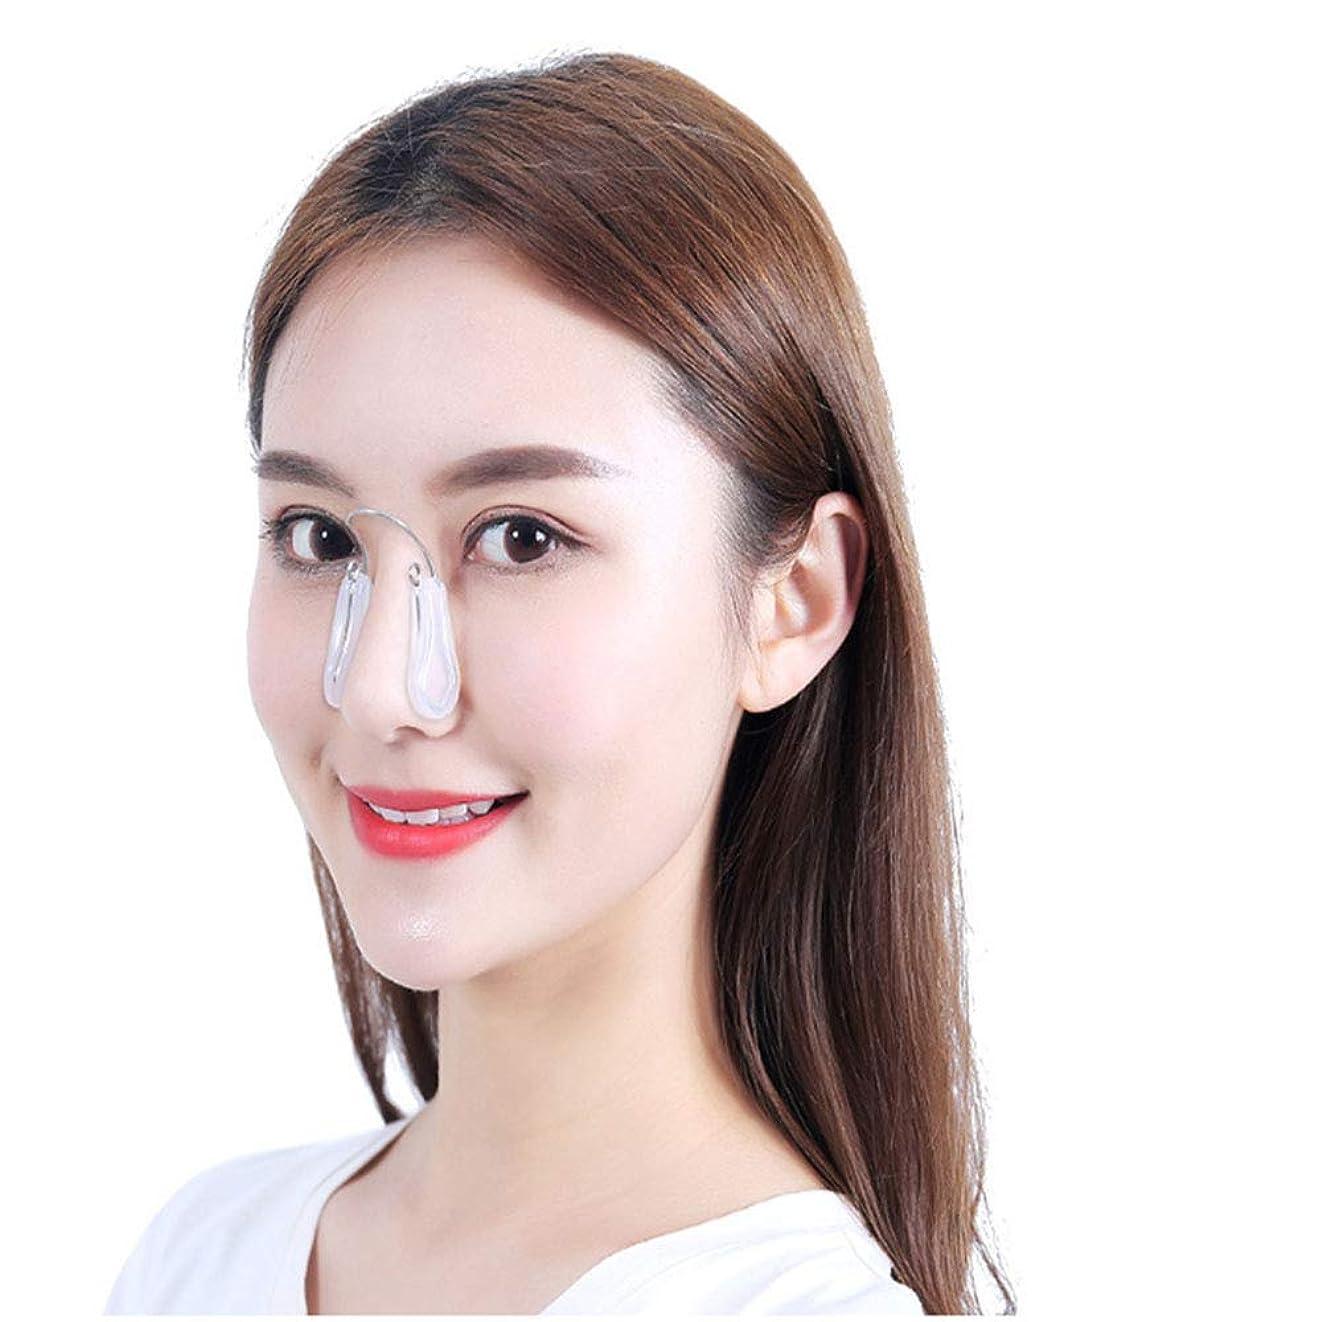 一人で同じ毛皮GOIOD 美鼻ケア 鼻 人工鼻 増強美容 鼻のデバイスシリコンクリップ 鼻筋矯正 簡単美鼻ケア